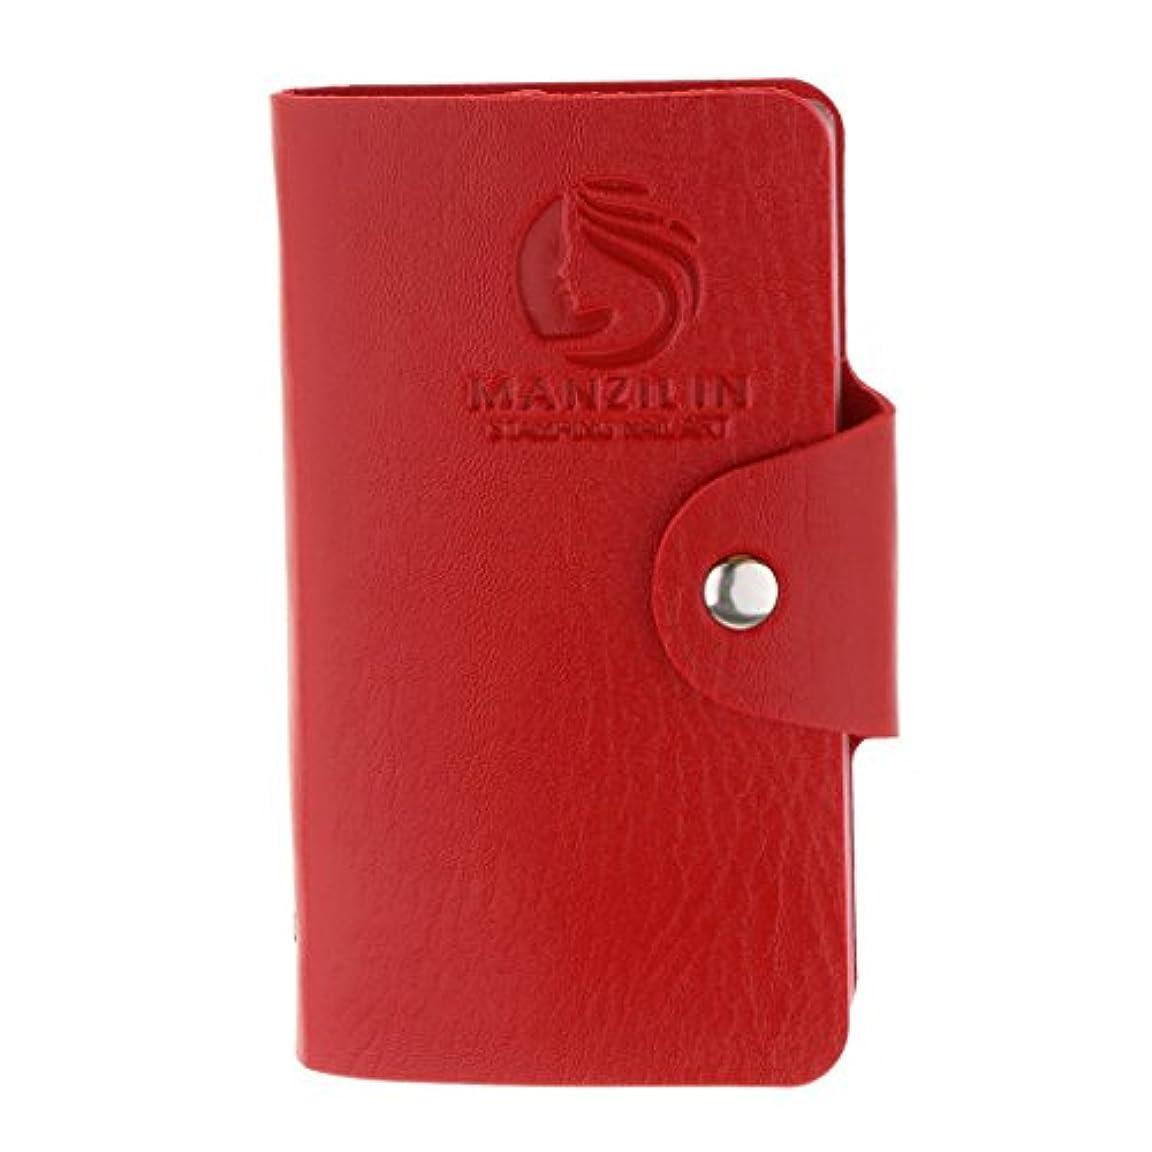 振幅支配するキウイFenteer オーガナイザーケース バッグ プレートスタンパーバッグ 24スロット ネイルアート ホルダー 収納 5色選べ - 赤